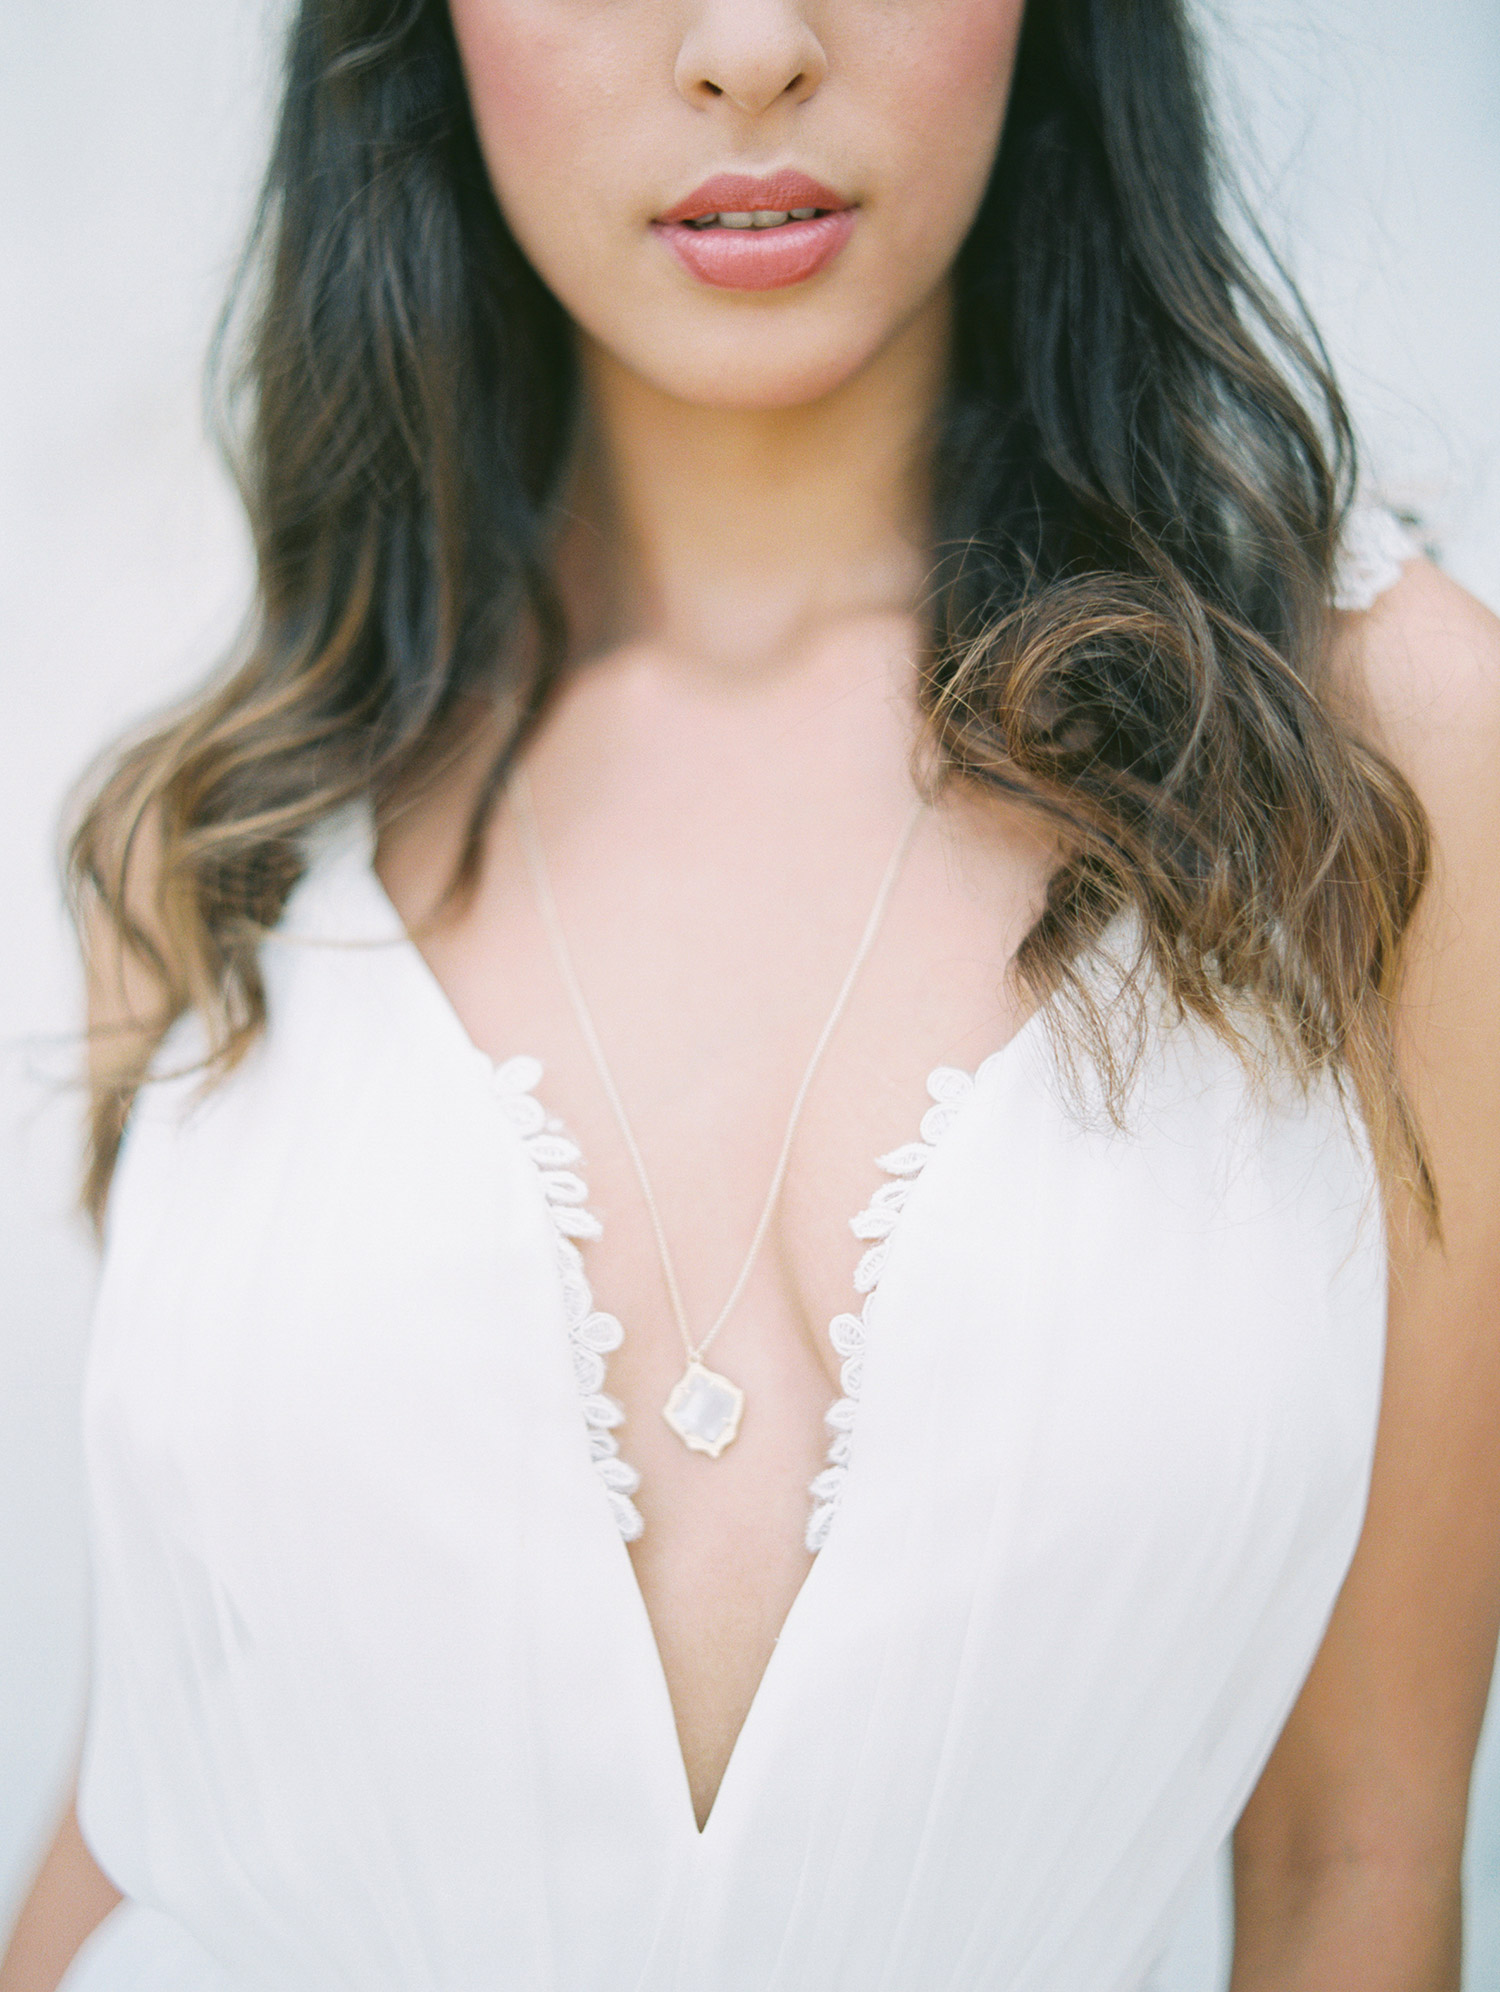 Bride wear a kendra scott necklace